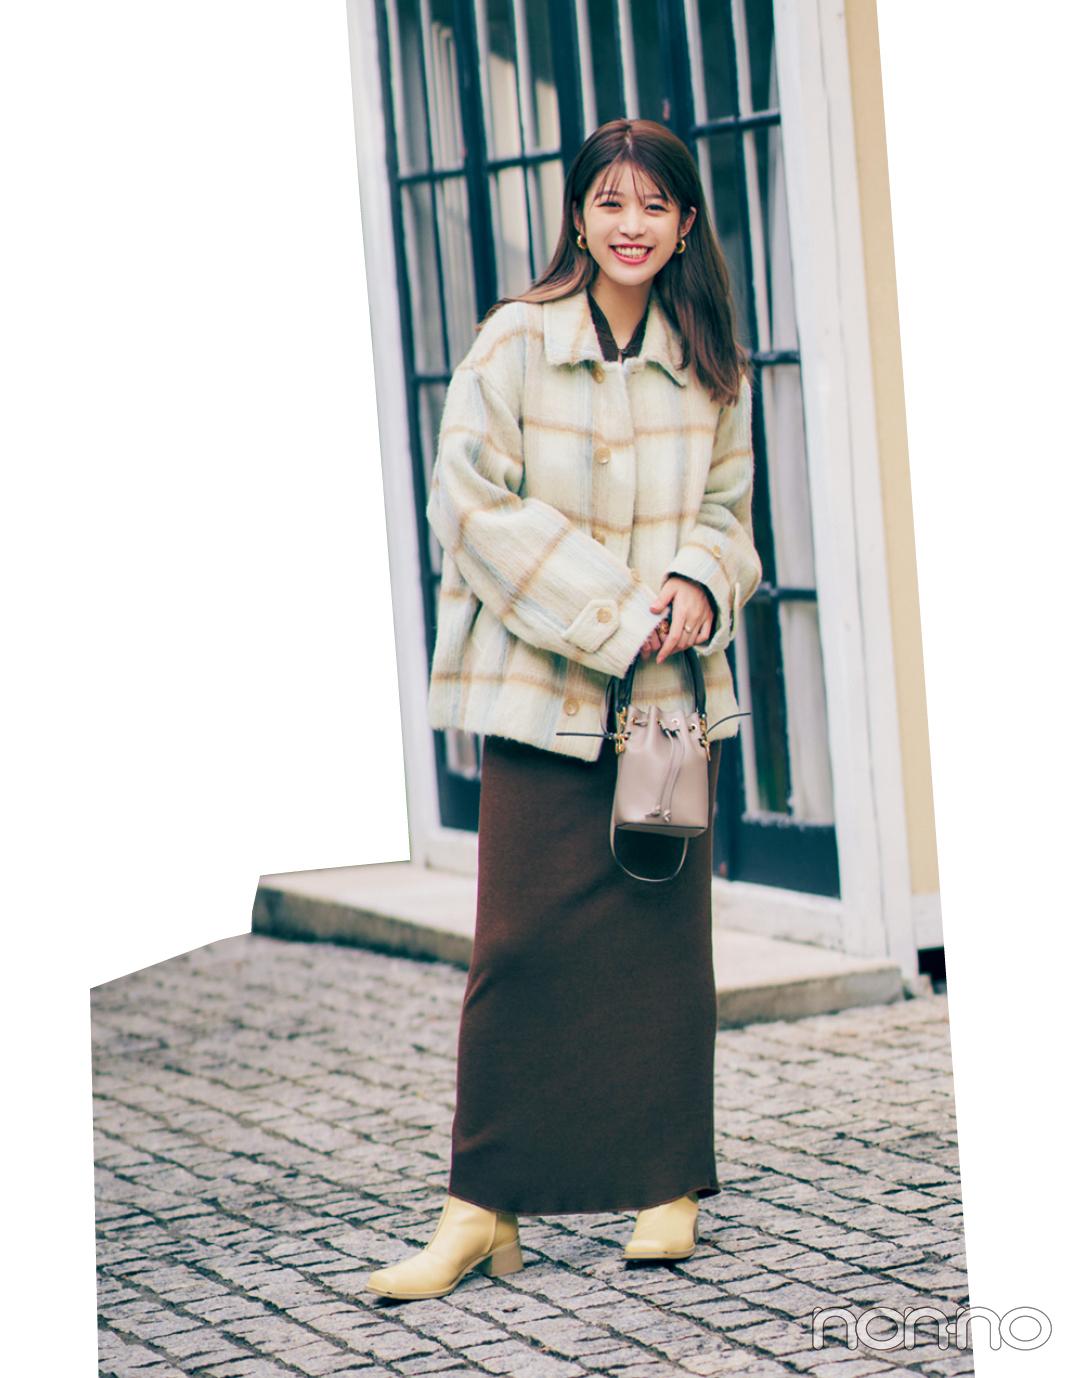 Photo Gallery 着こなしの参考に♡ ノンノモデルのリアル私服を公開!_1_11